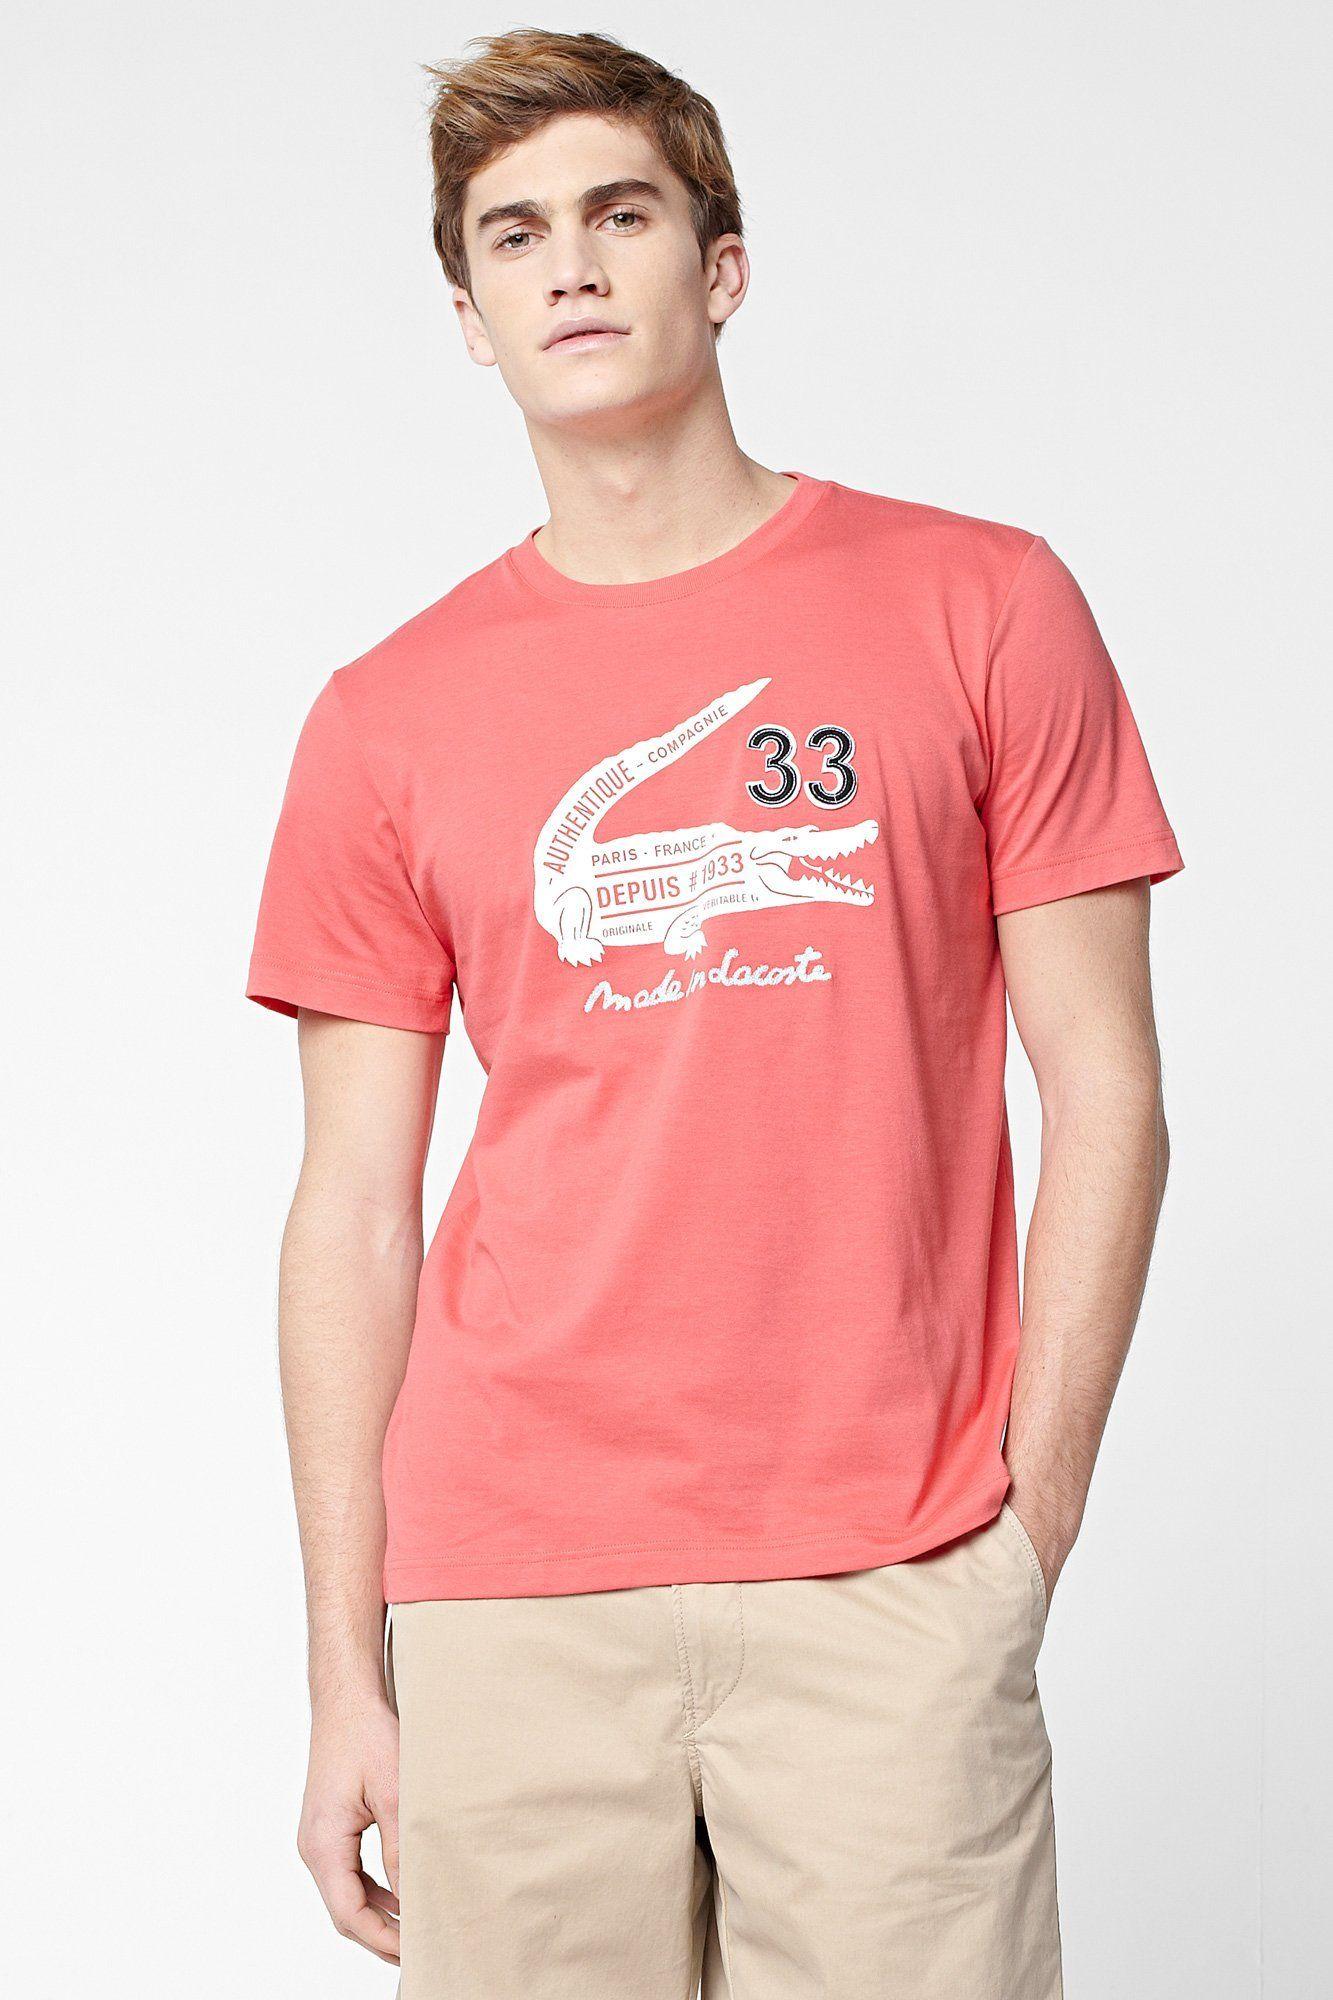 Lacoste Men/'s Graphic Croc Short Sleeve T-Shirt